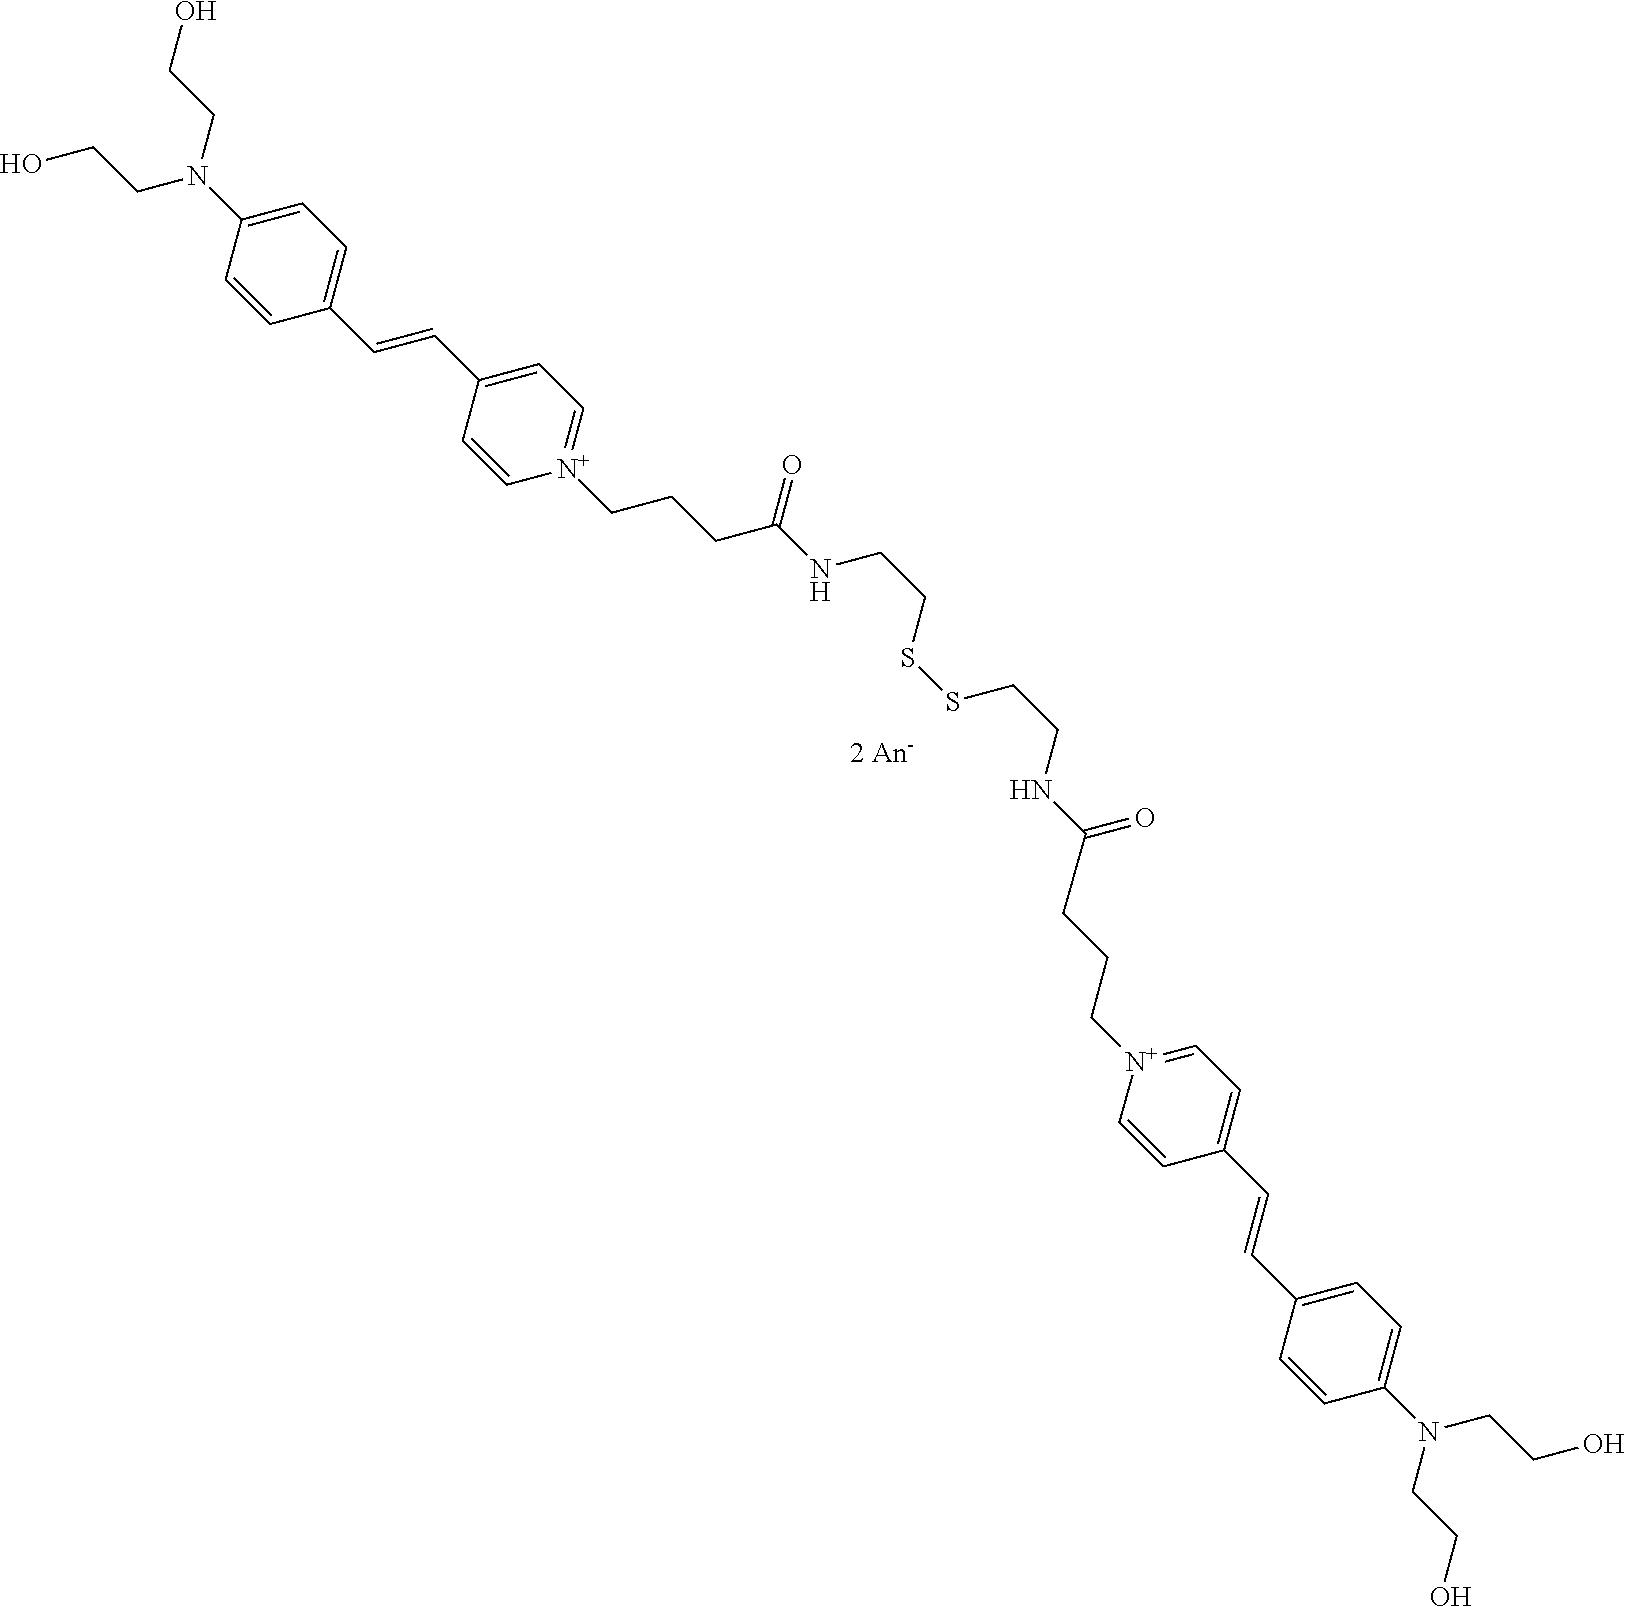 Figure US08840684-20140923-C00238